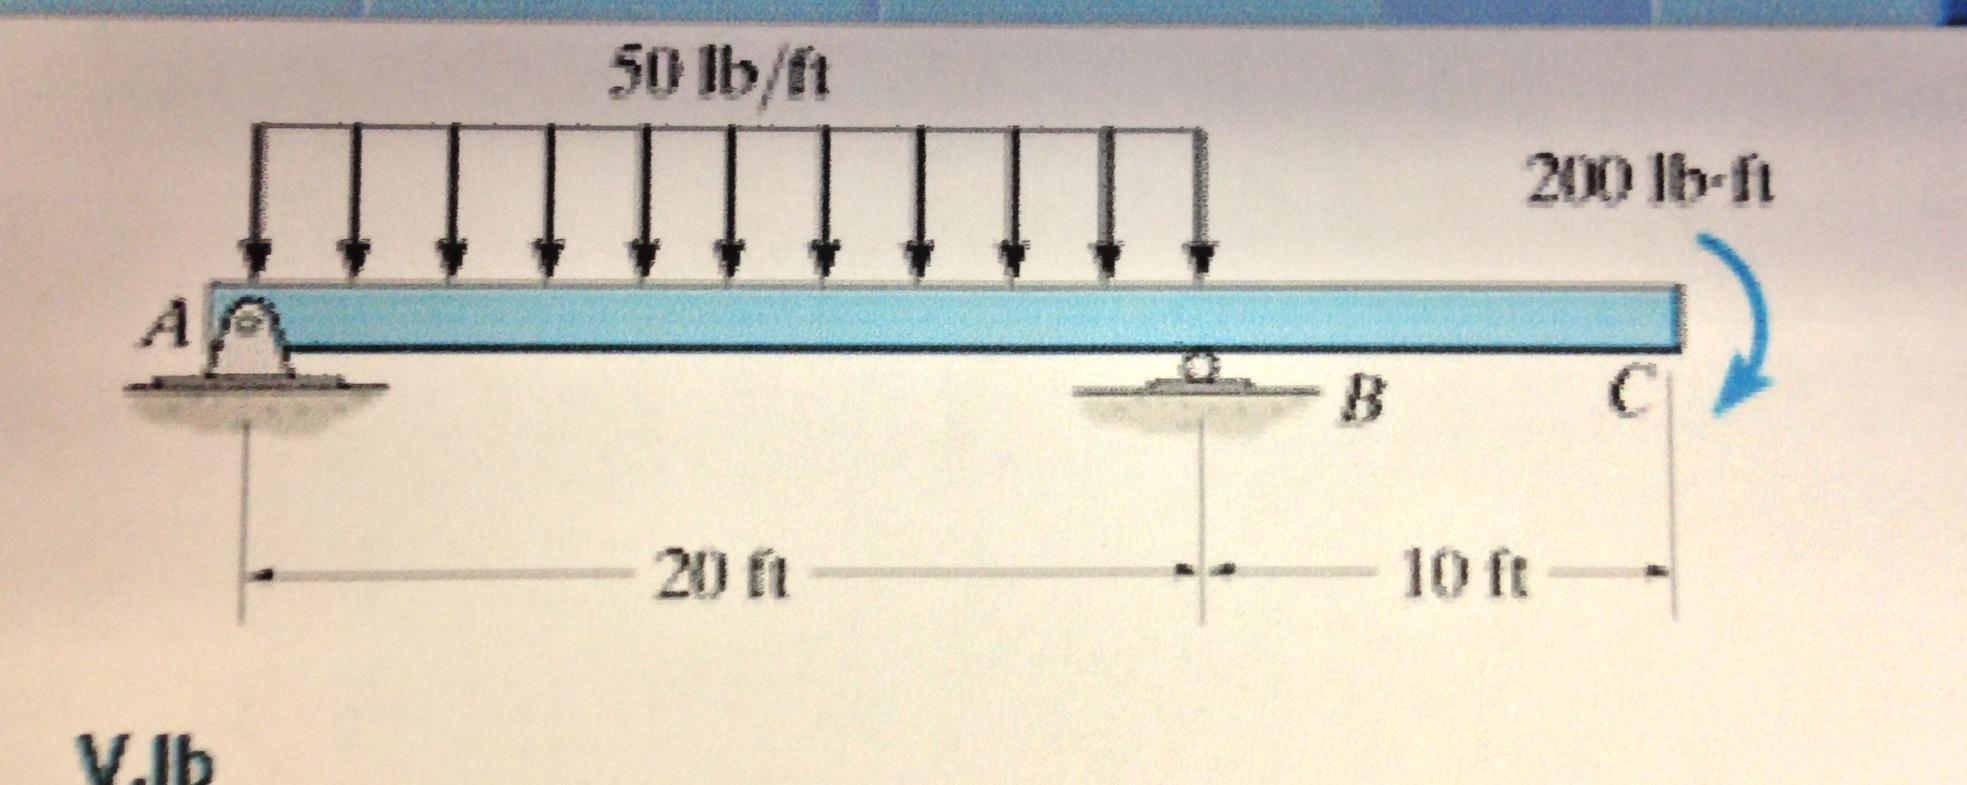 1) Draw The Shear Diagram For The Beam. 2) Draw Th... | Chegg.com